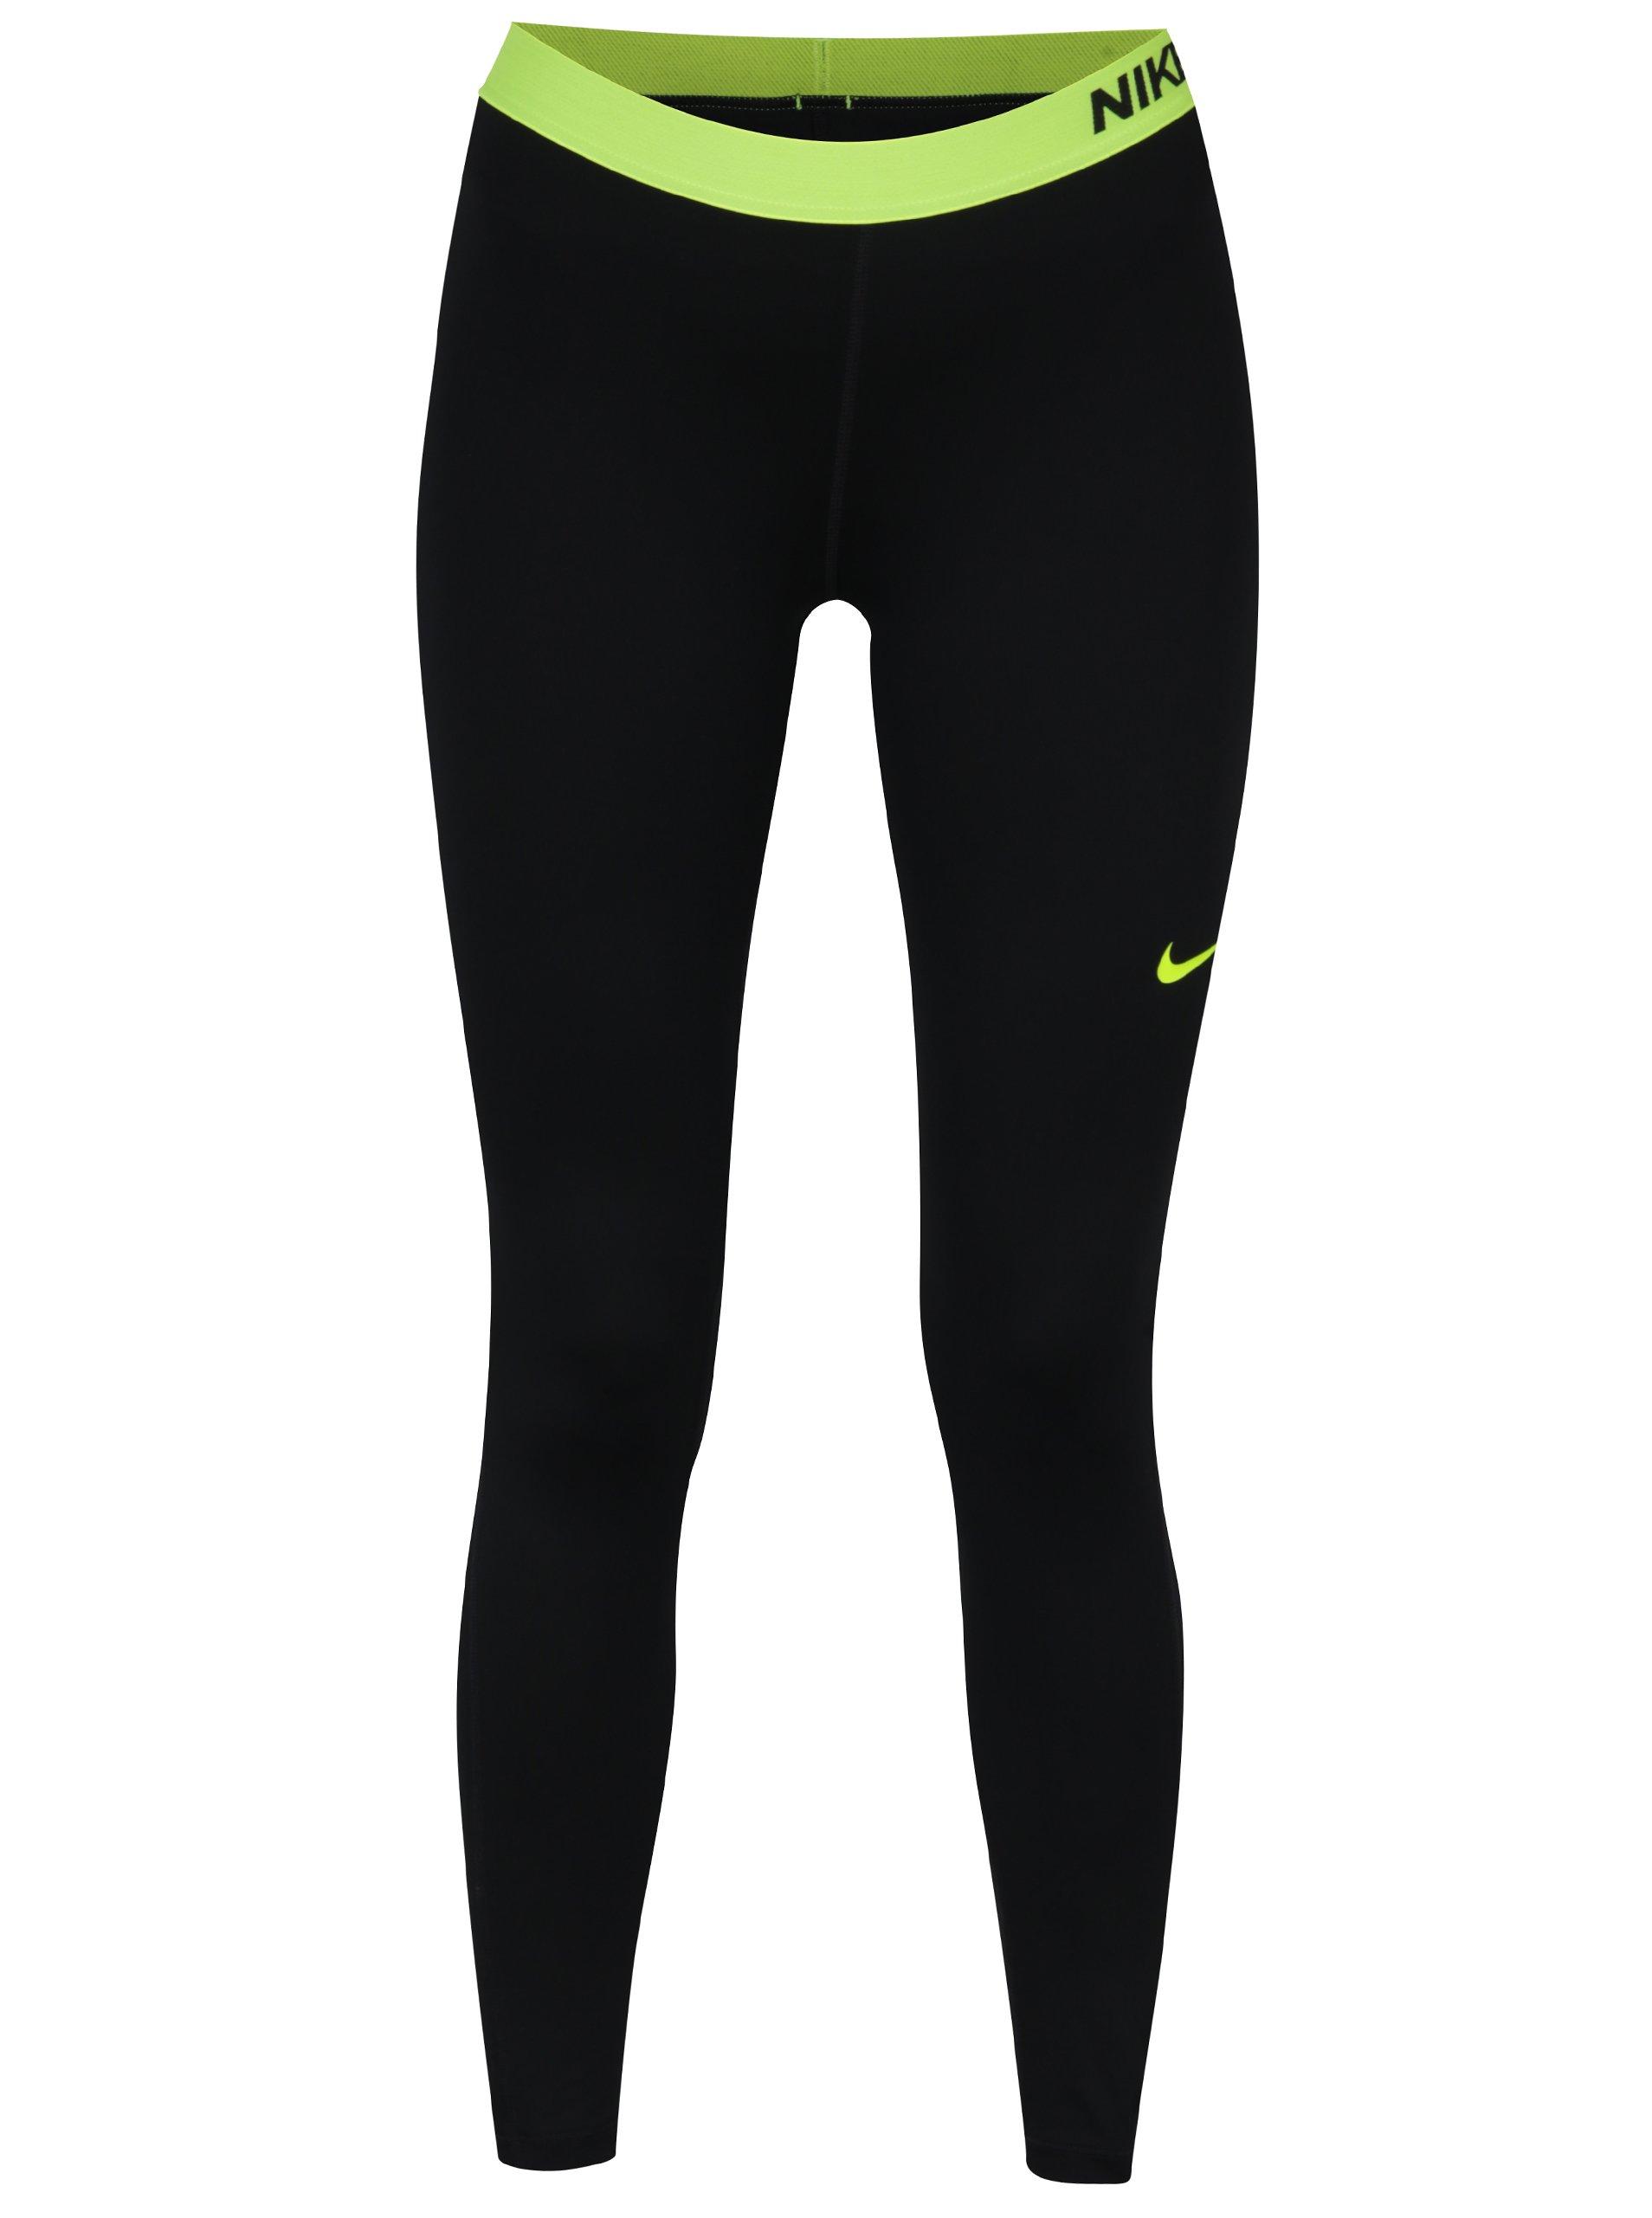 Zeleno-černé dámské funkční legíny Nike